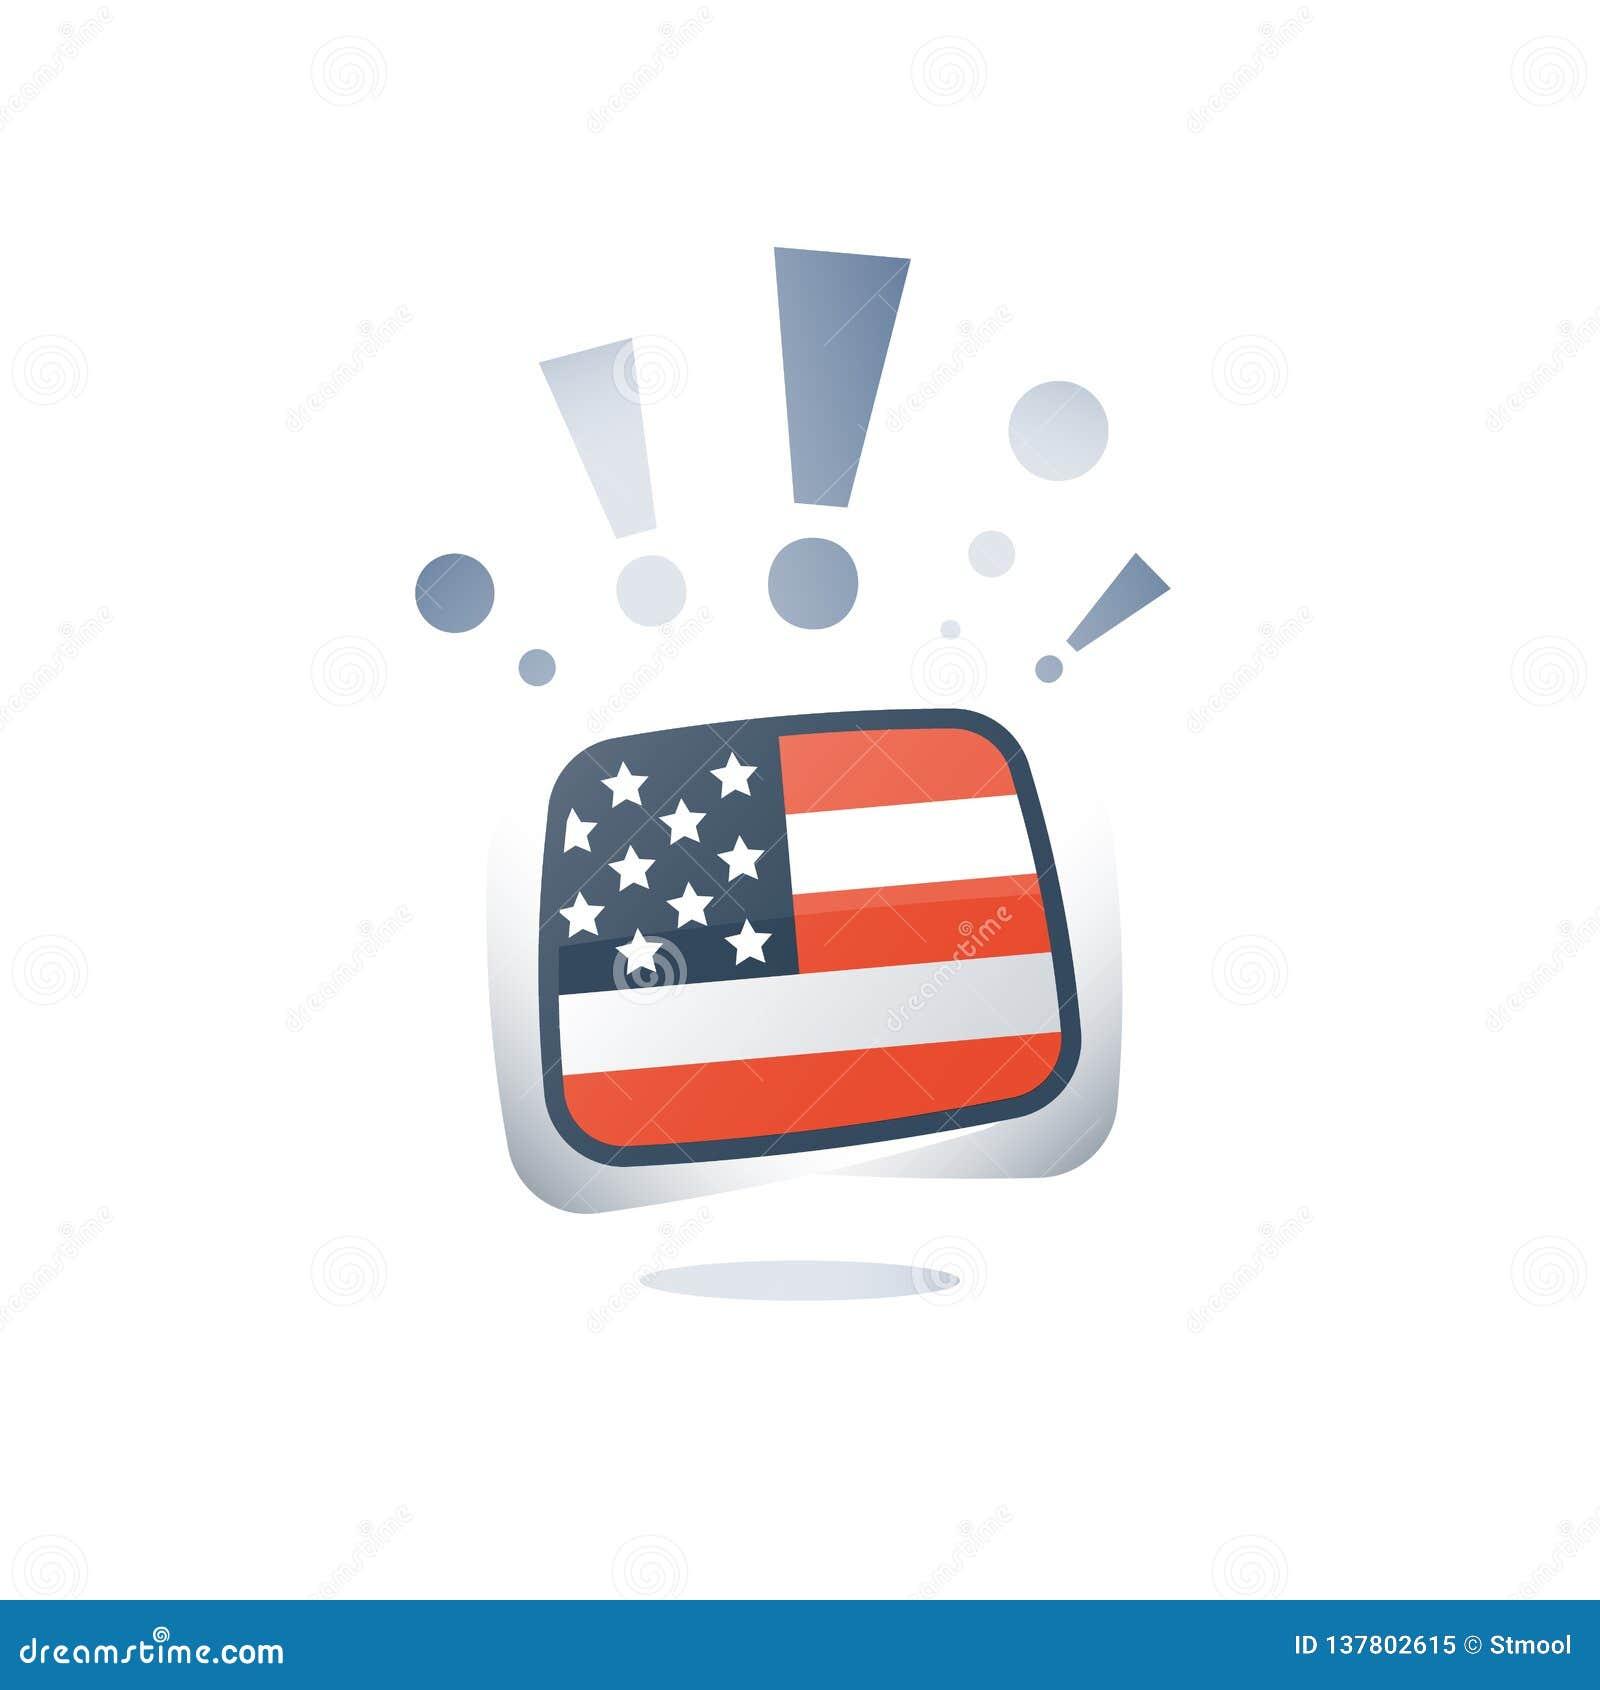 USA zaznacza, Amerykański język angielski, językoznawczy uczenie, online kurs, przygotowanie program, słownictwa ulepszenie